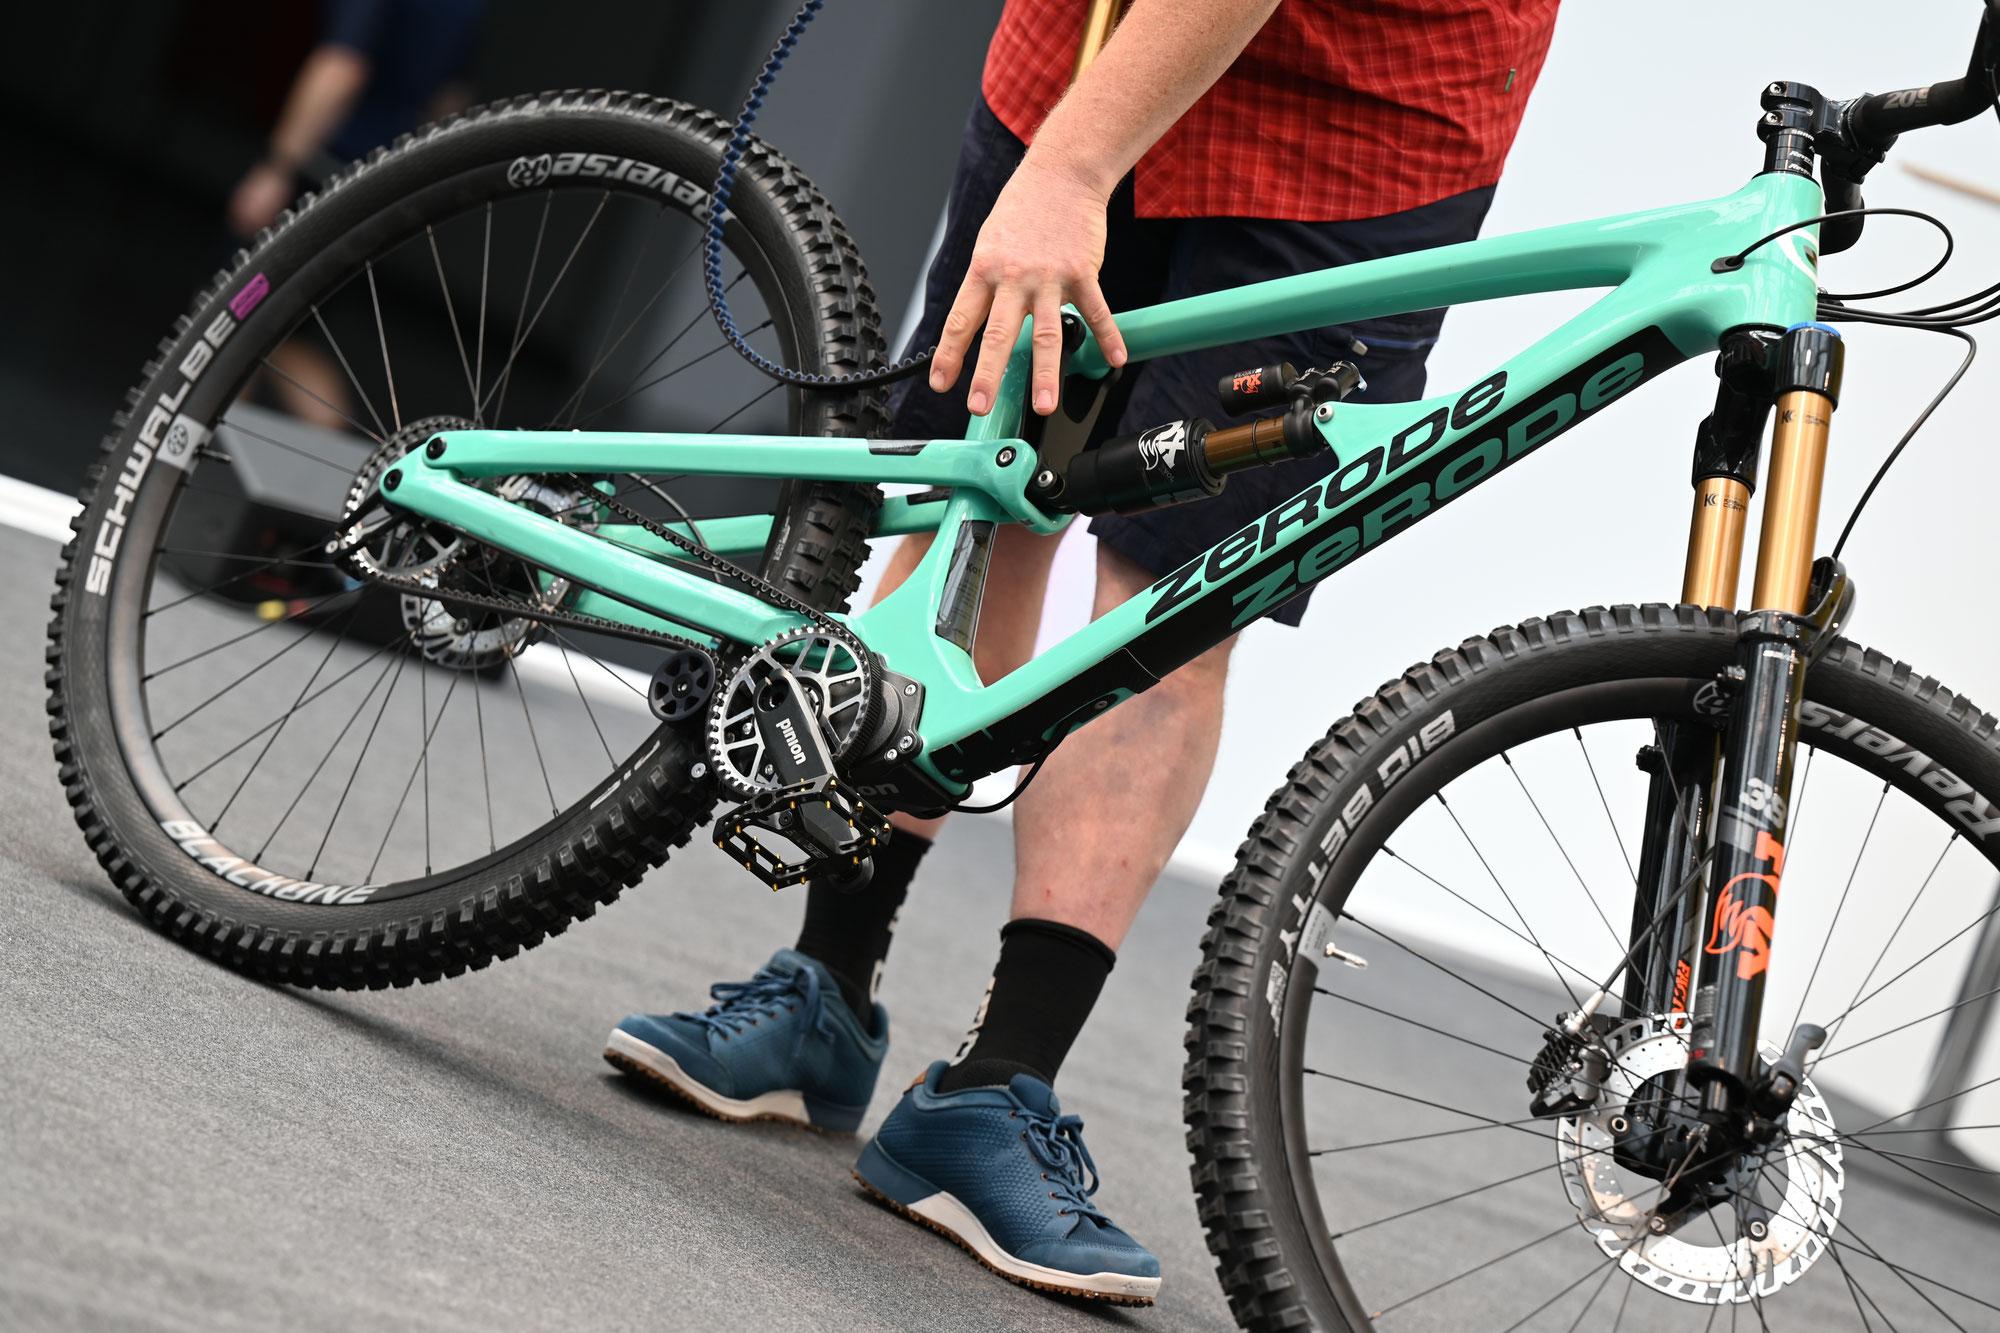 Fahrradneuheiten stimmen auf die 29. Eurobike ein